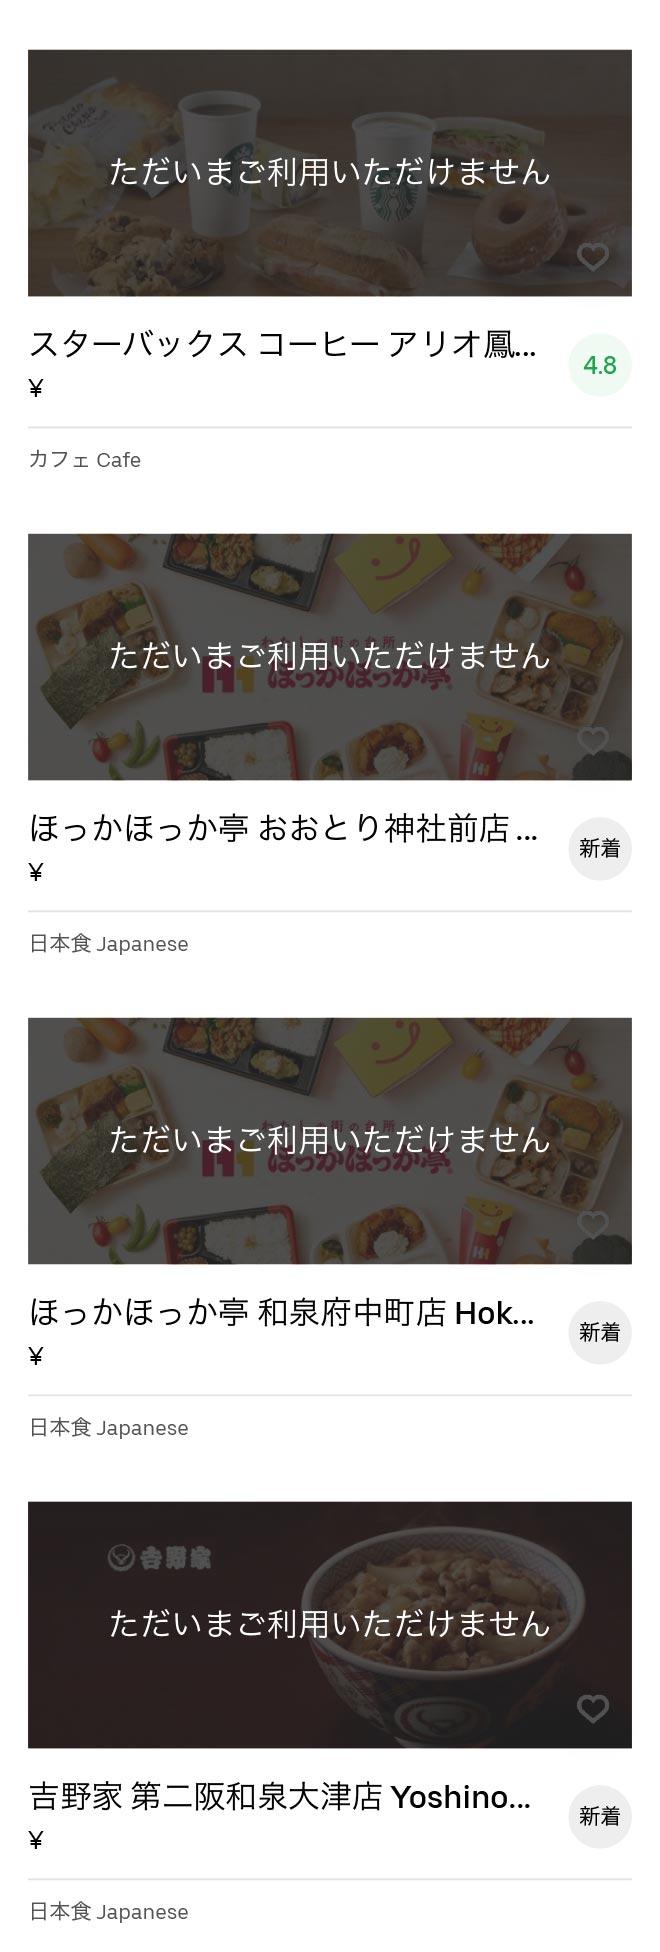 Izumi kitashinoda menu 2005 05